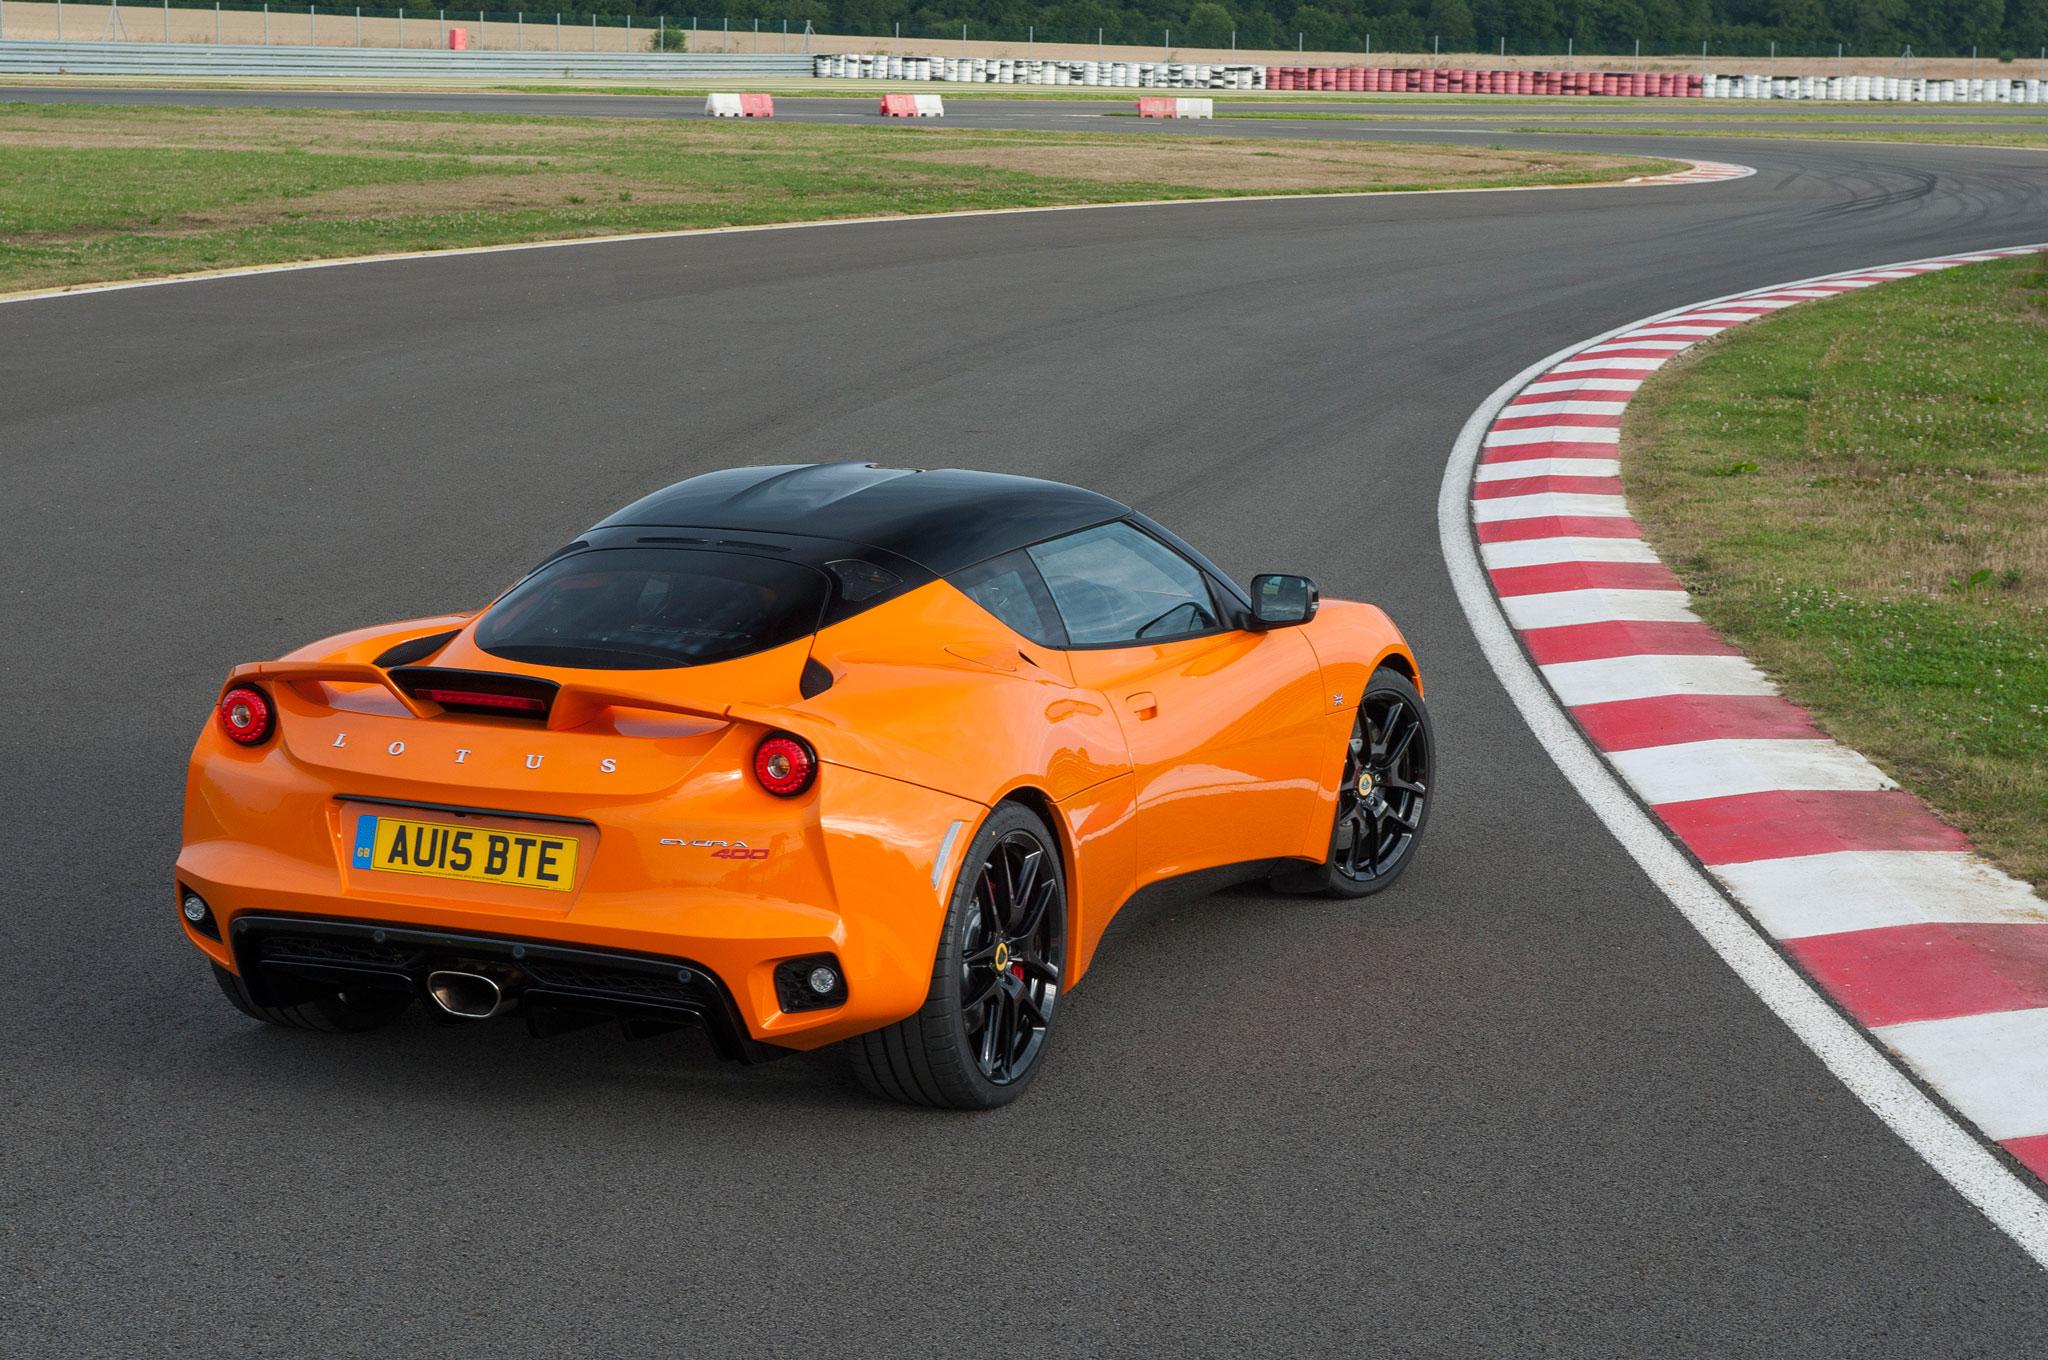 http://st.automobilemag.com/uploads/sites/11/2015/08/2016-Lotus-Evora-400-rear-three-quarter-01.jpg